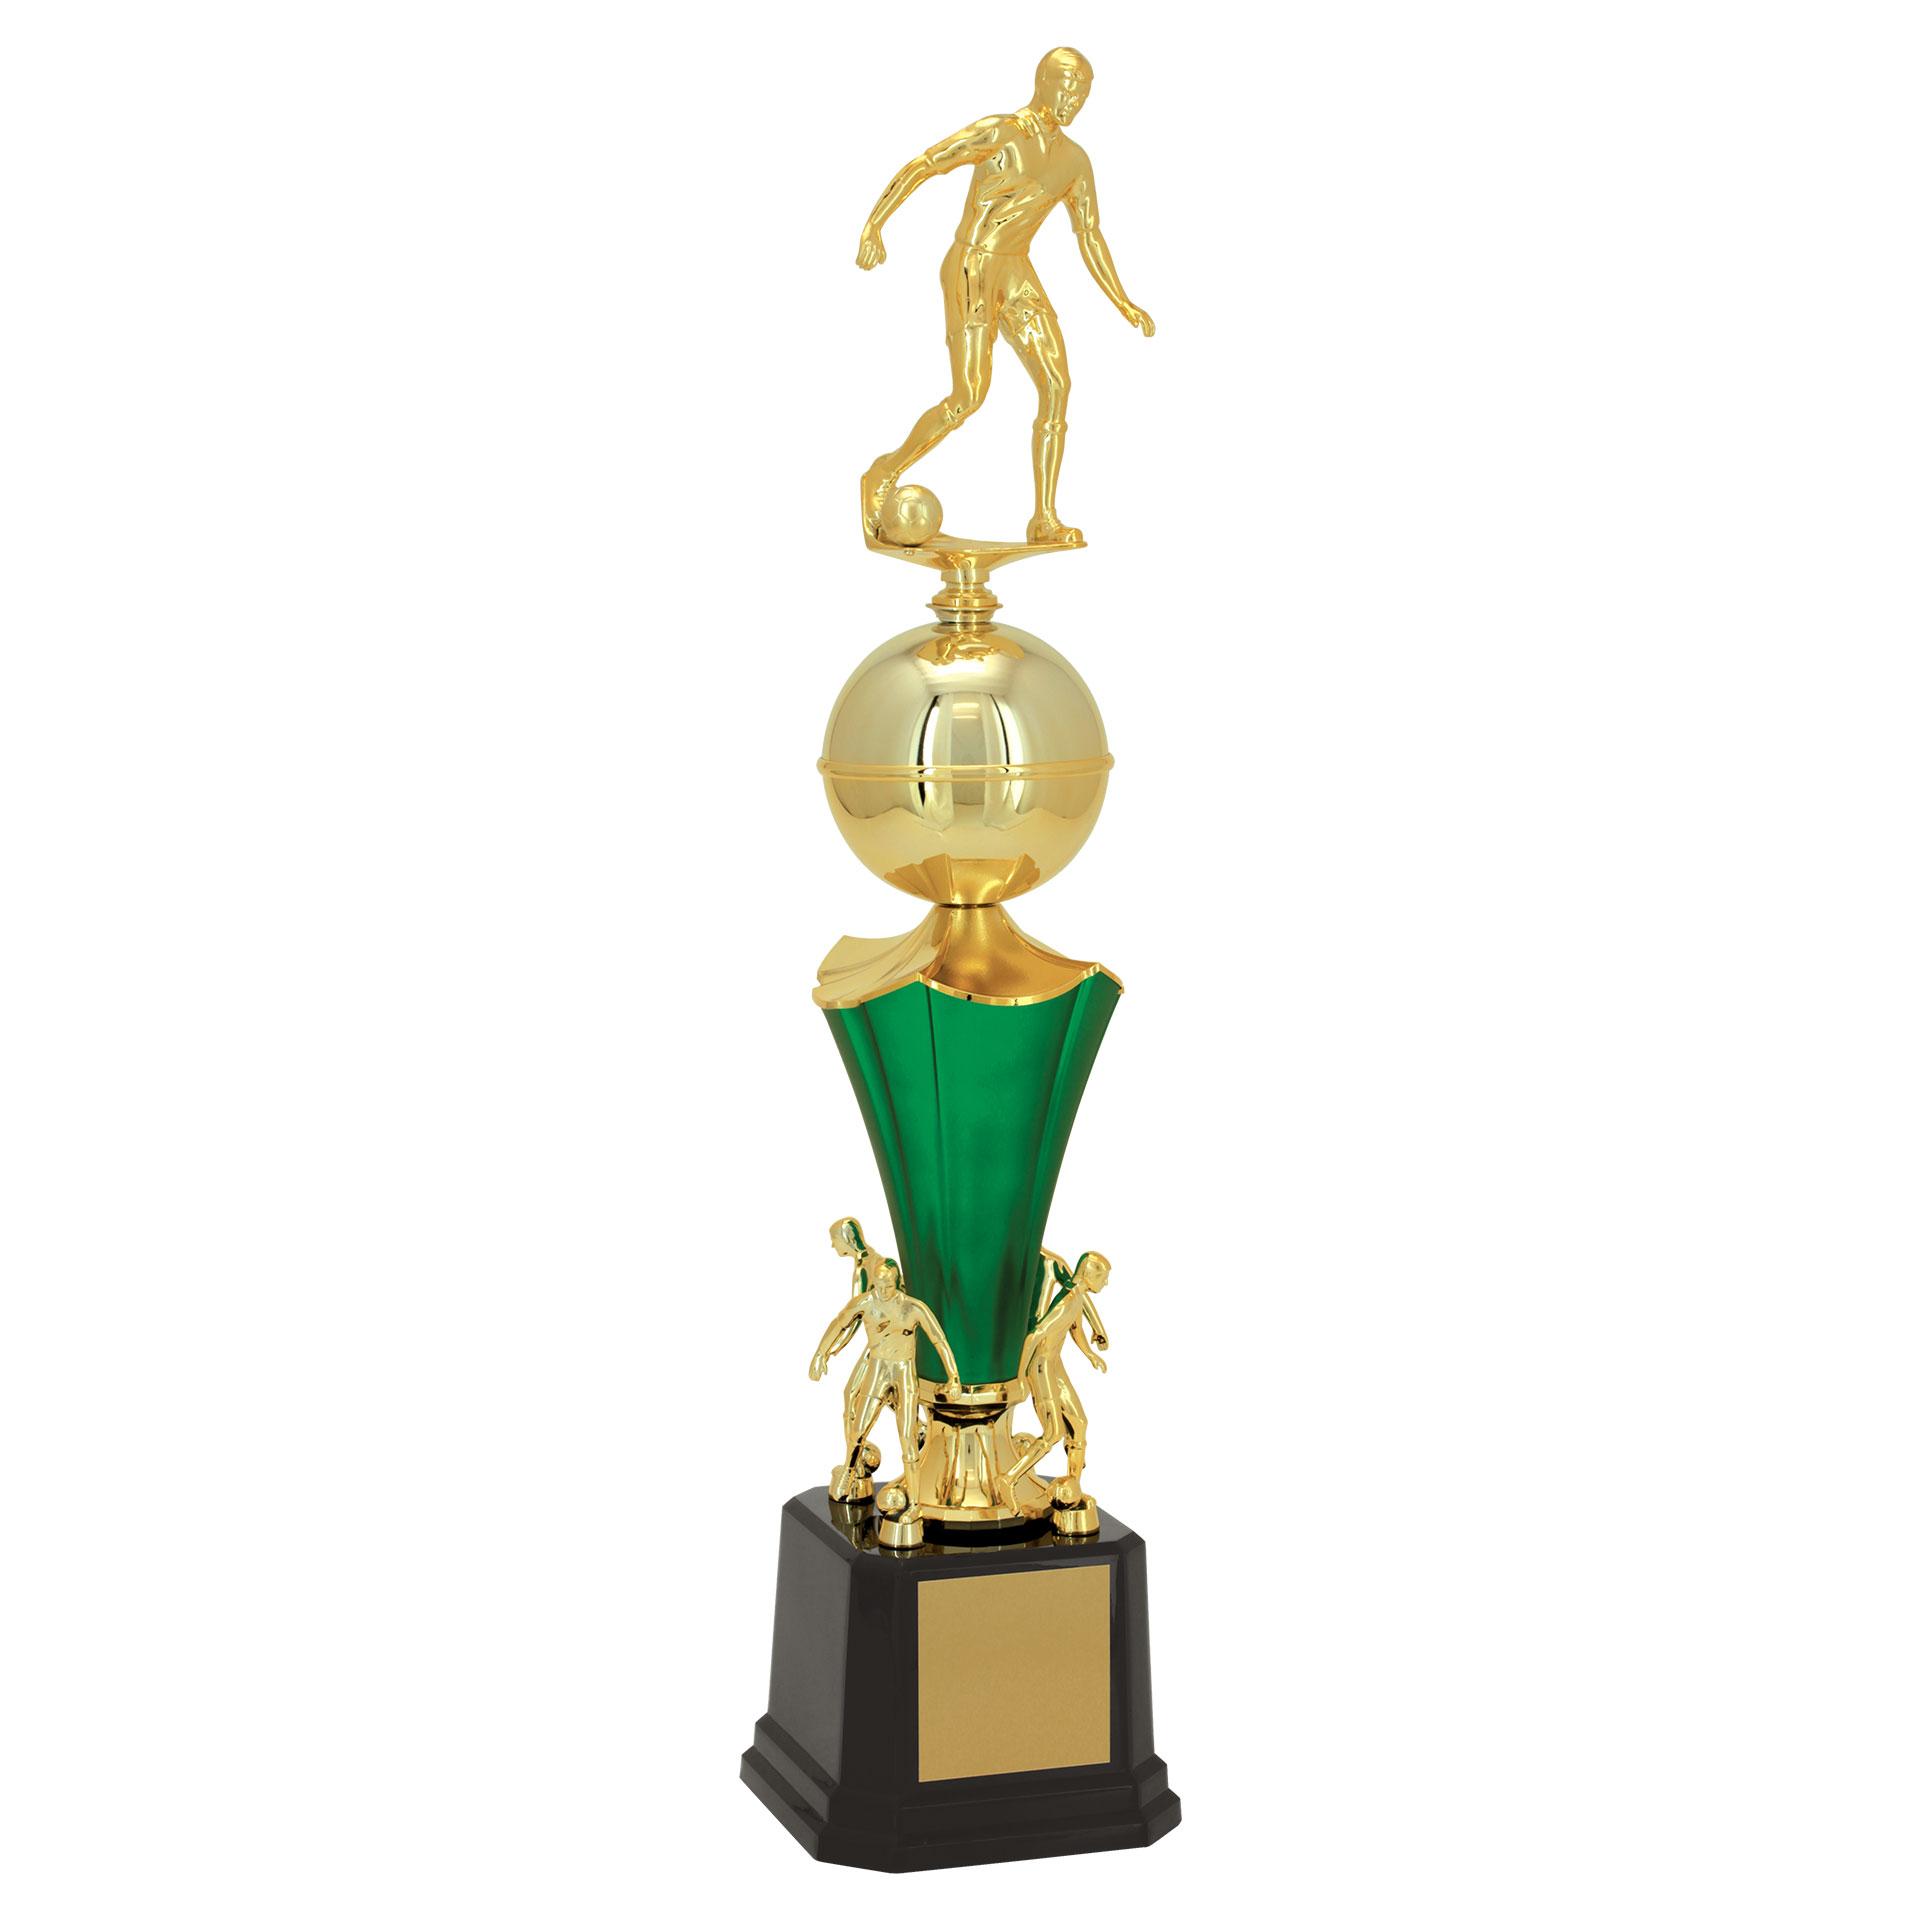 Troféu vitoria cód. 300250 97 cm